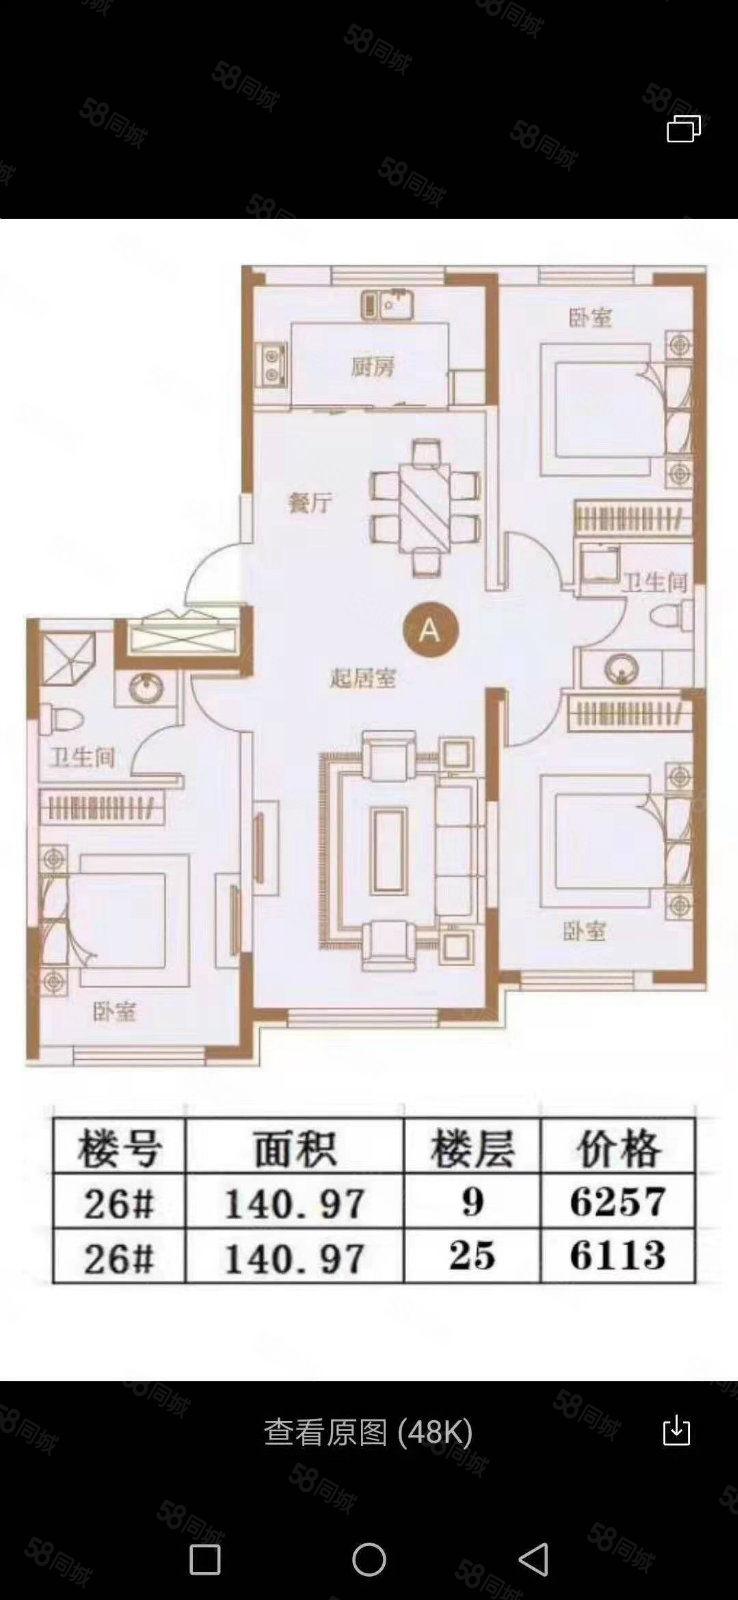 江南大禹城邦江景房一手房 能贷款 比售楼处便宜要的抓紧户型好